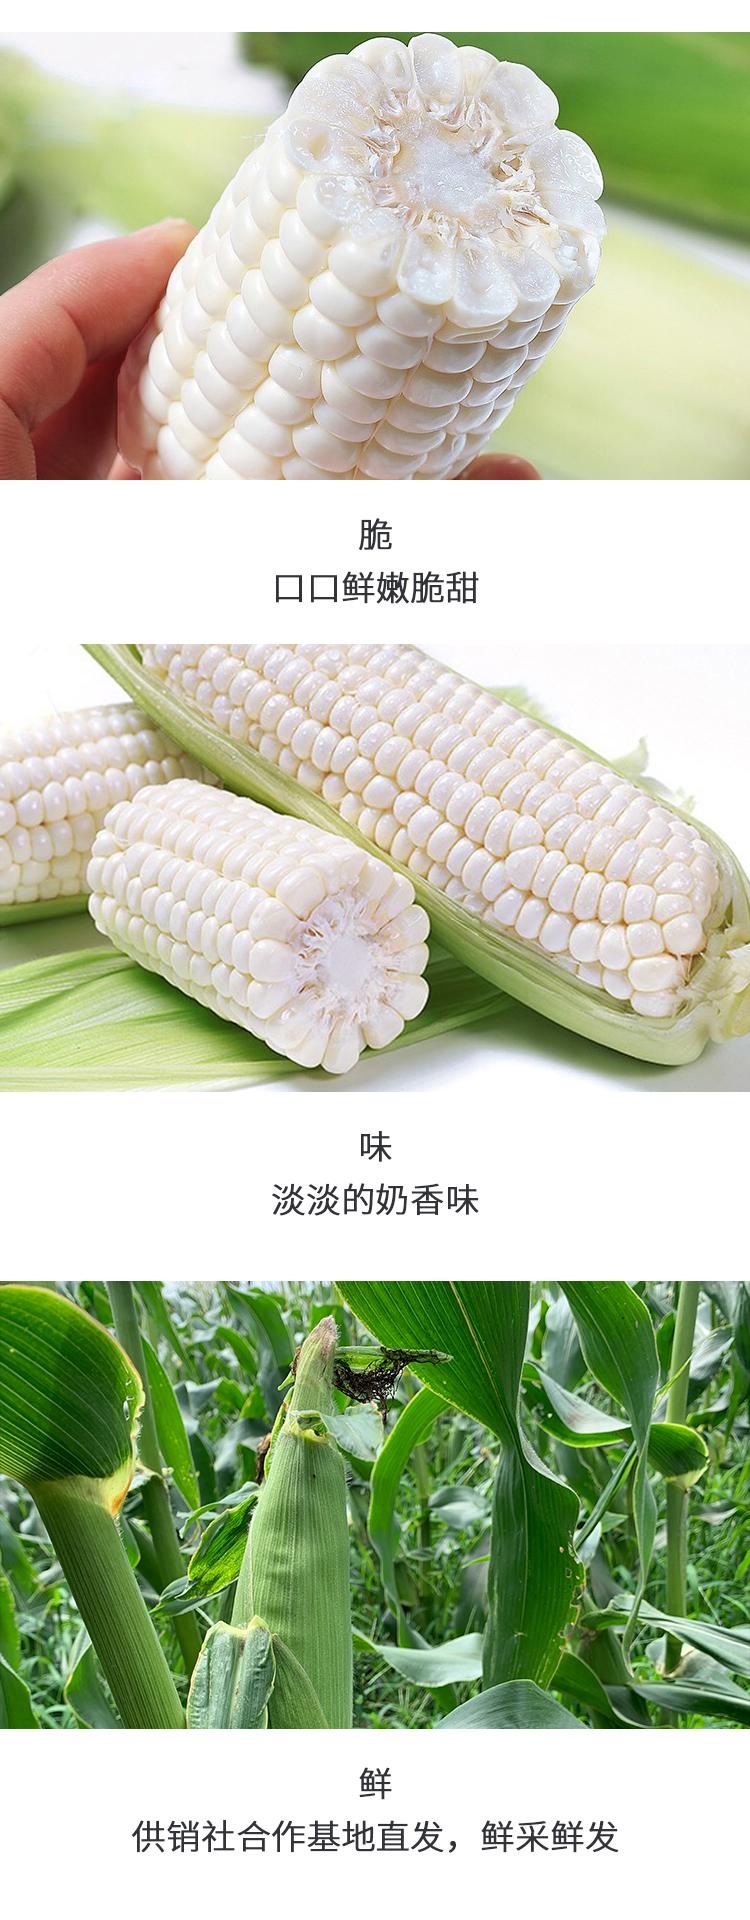 牛奶玉米修改2_05.jpg